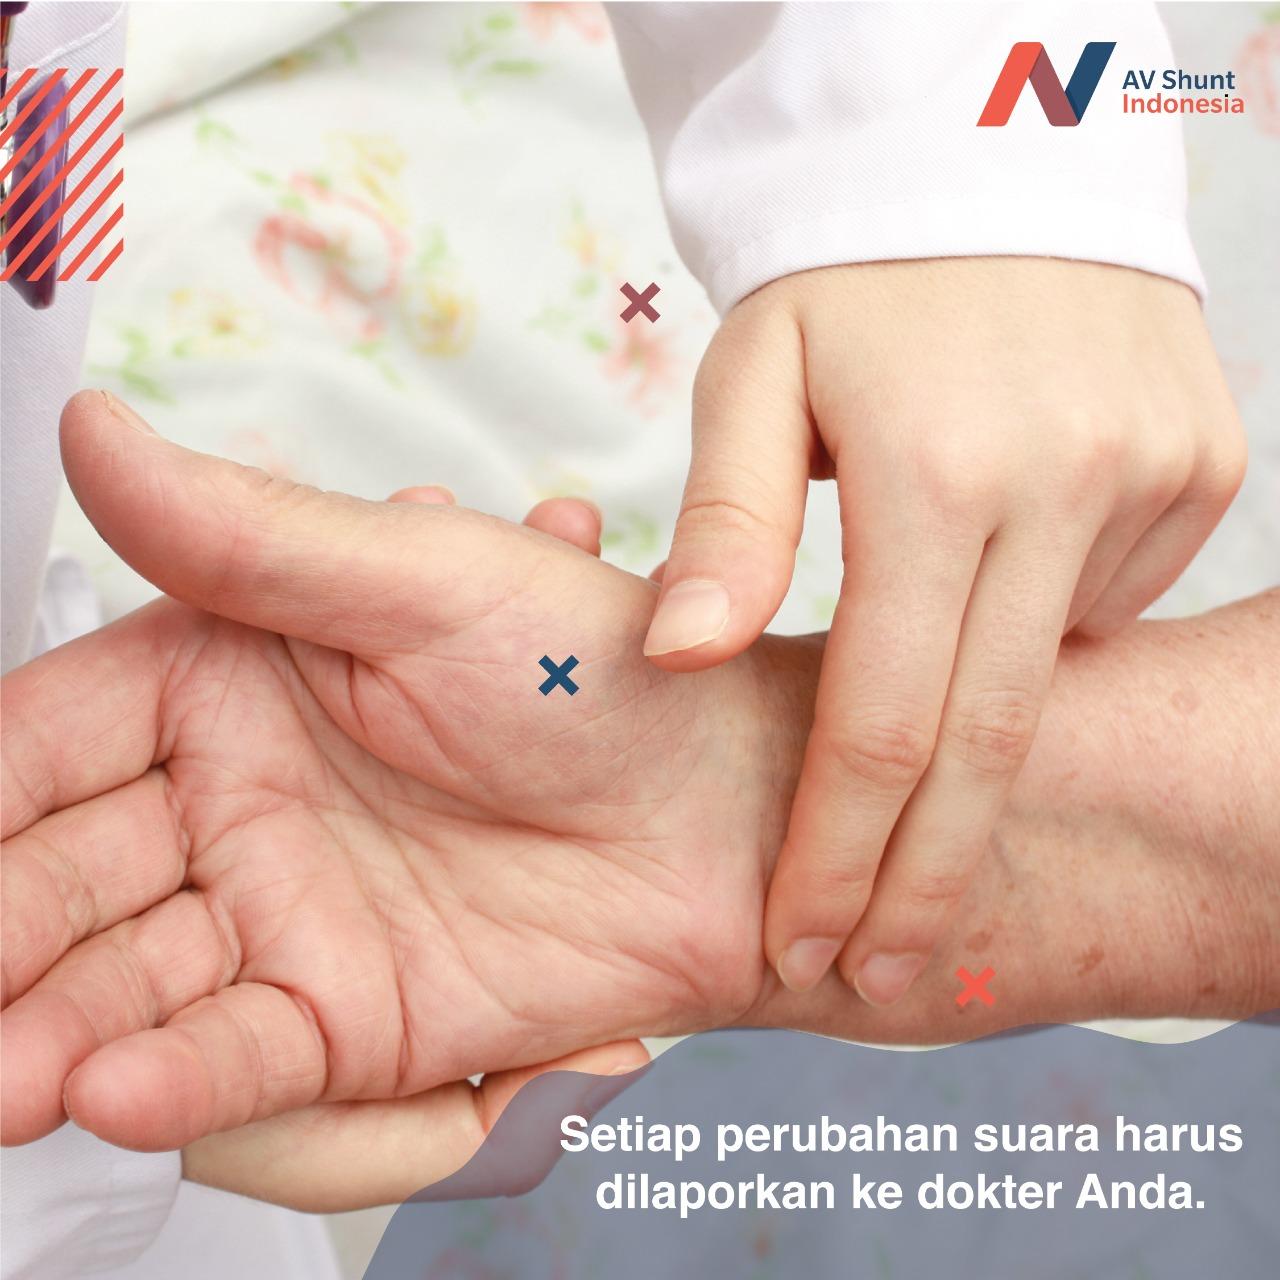 http://avshuntindonesia.com/images/blog/BLOG__av-shunt-untuk-hemodialisis__20200214113542.jpg